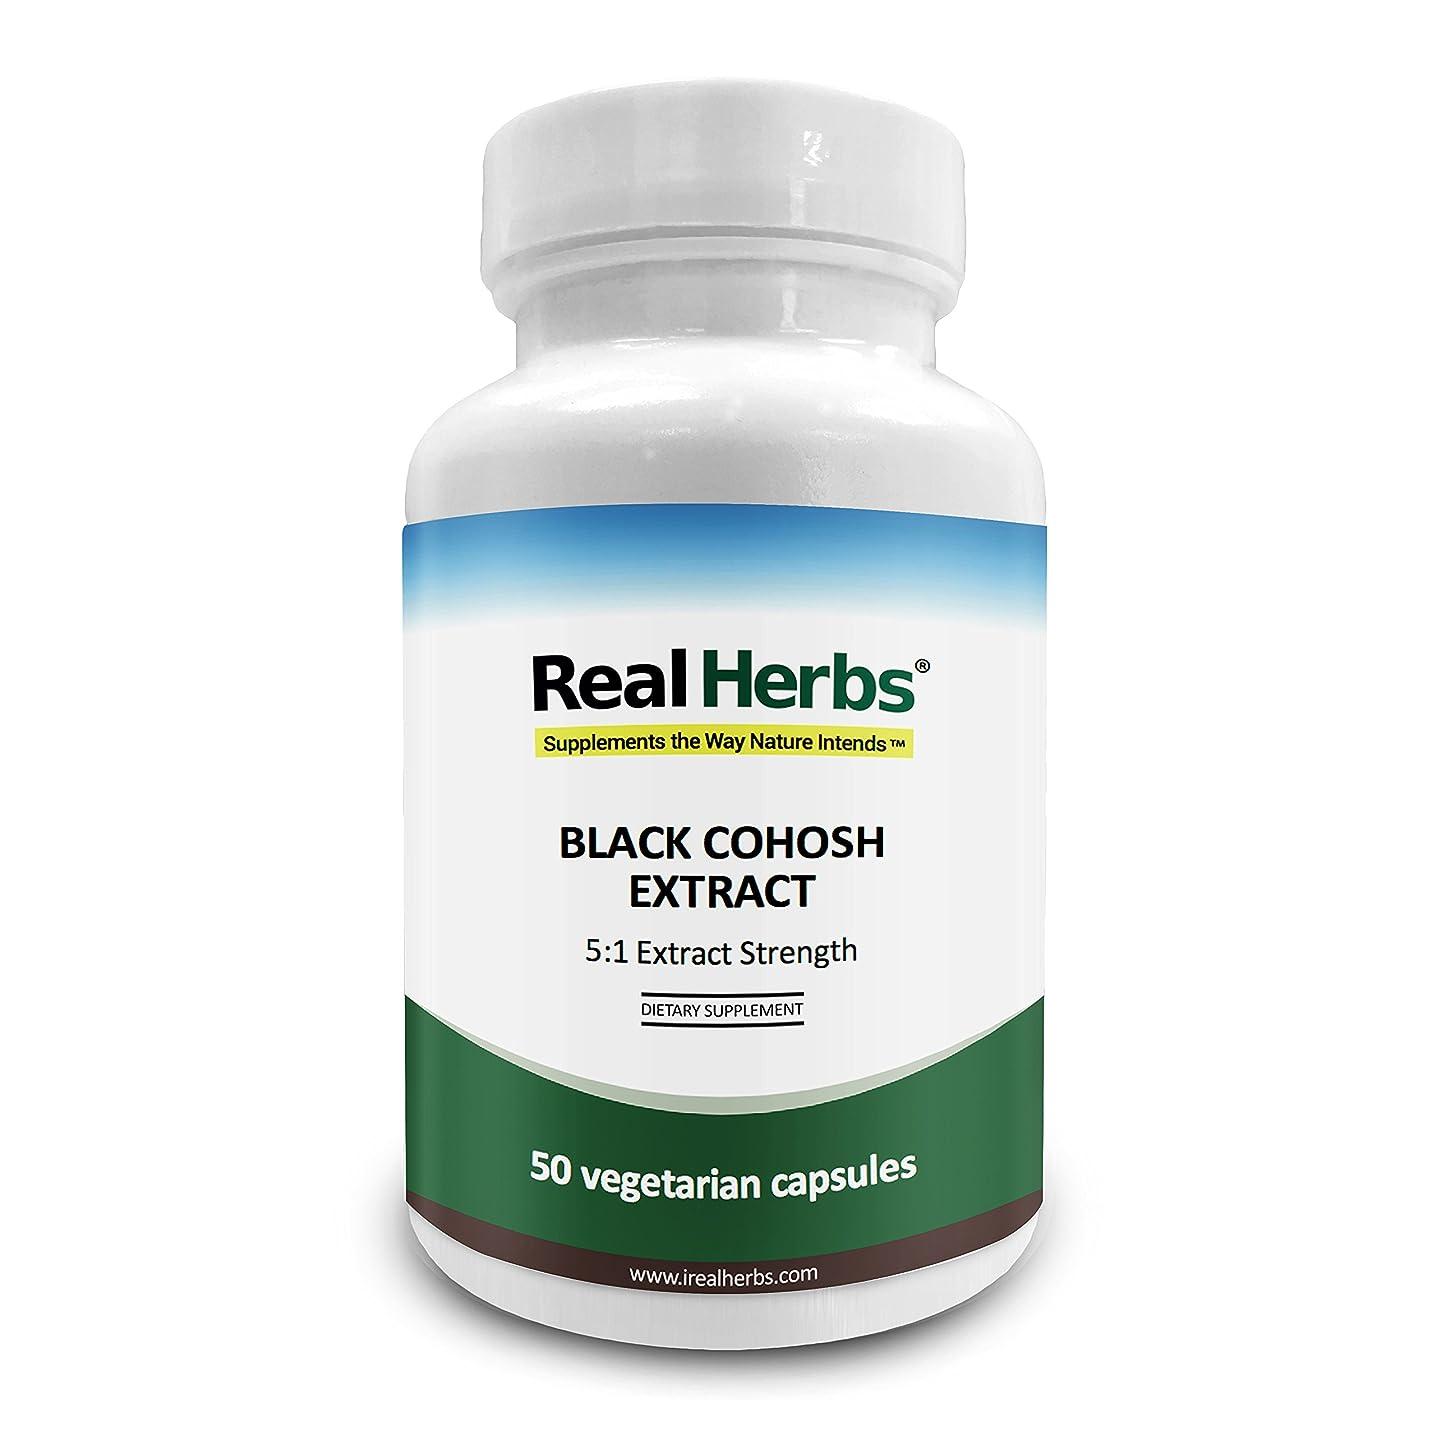 薬理学きちんとした私のReal Herbs の ブラックコホシュ (Black Cohosh) 5:1 抽出強度 - 600mg - 50 ベジタリアンカプセル - アメリカ製 - 海外直送品